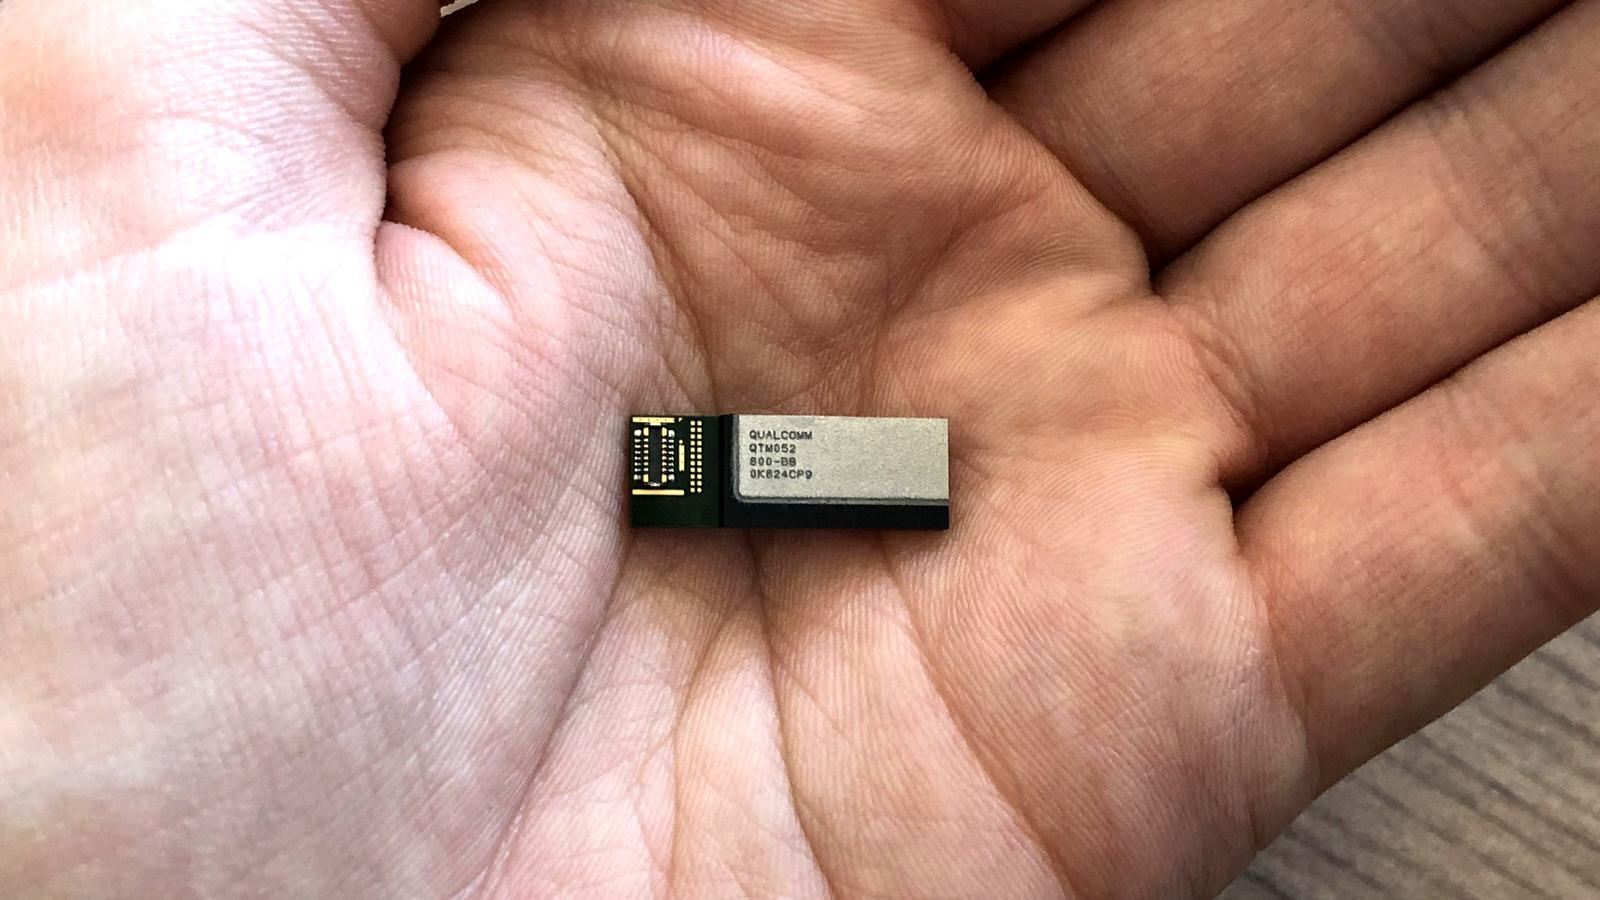 La 5G en ultra-hautes fréquences avec l'antenne Qualcomm